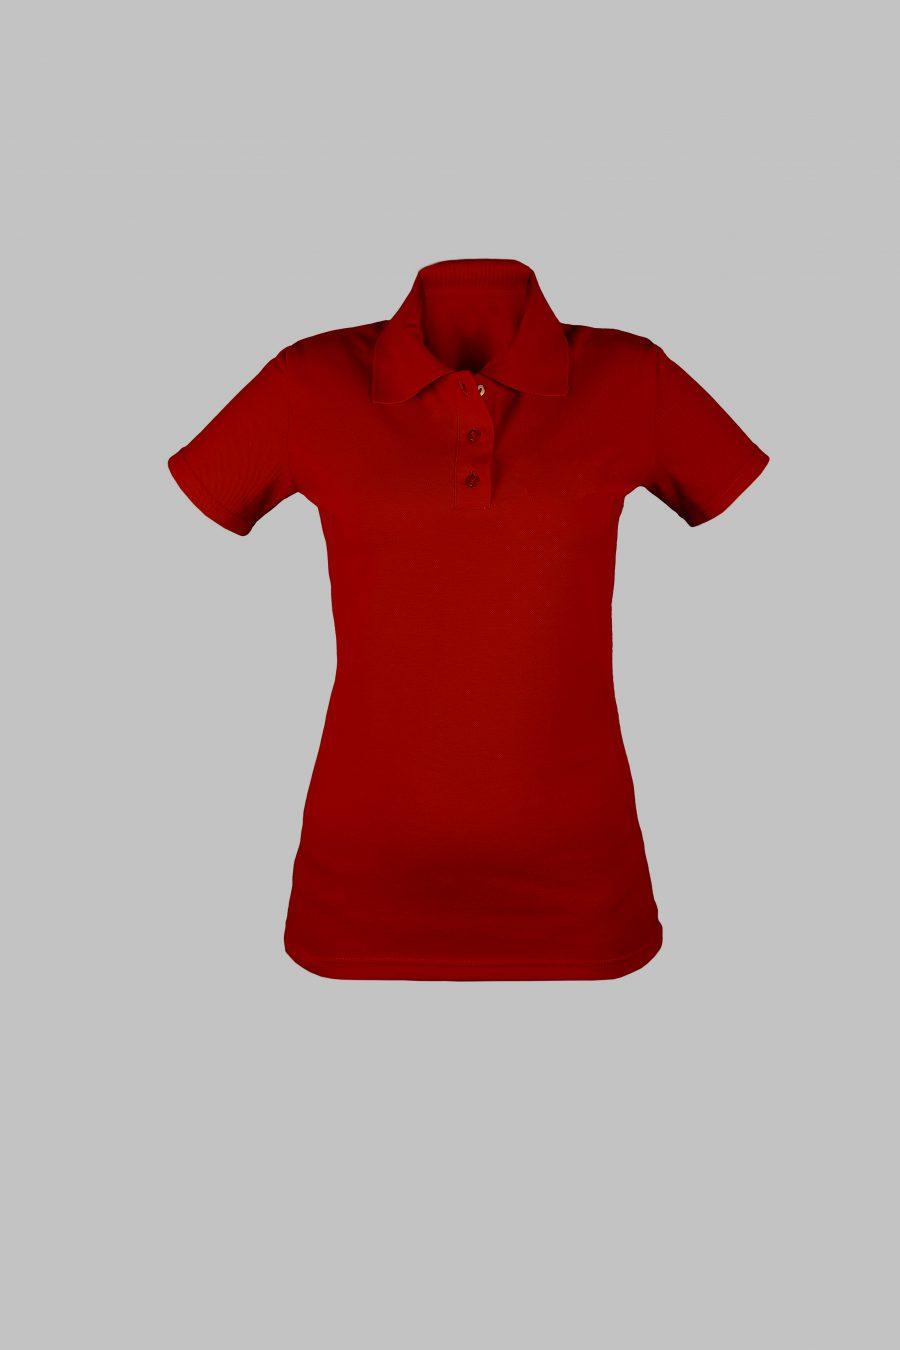 Рубашка-поло KANO WP красная купить оптом,